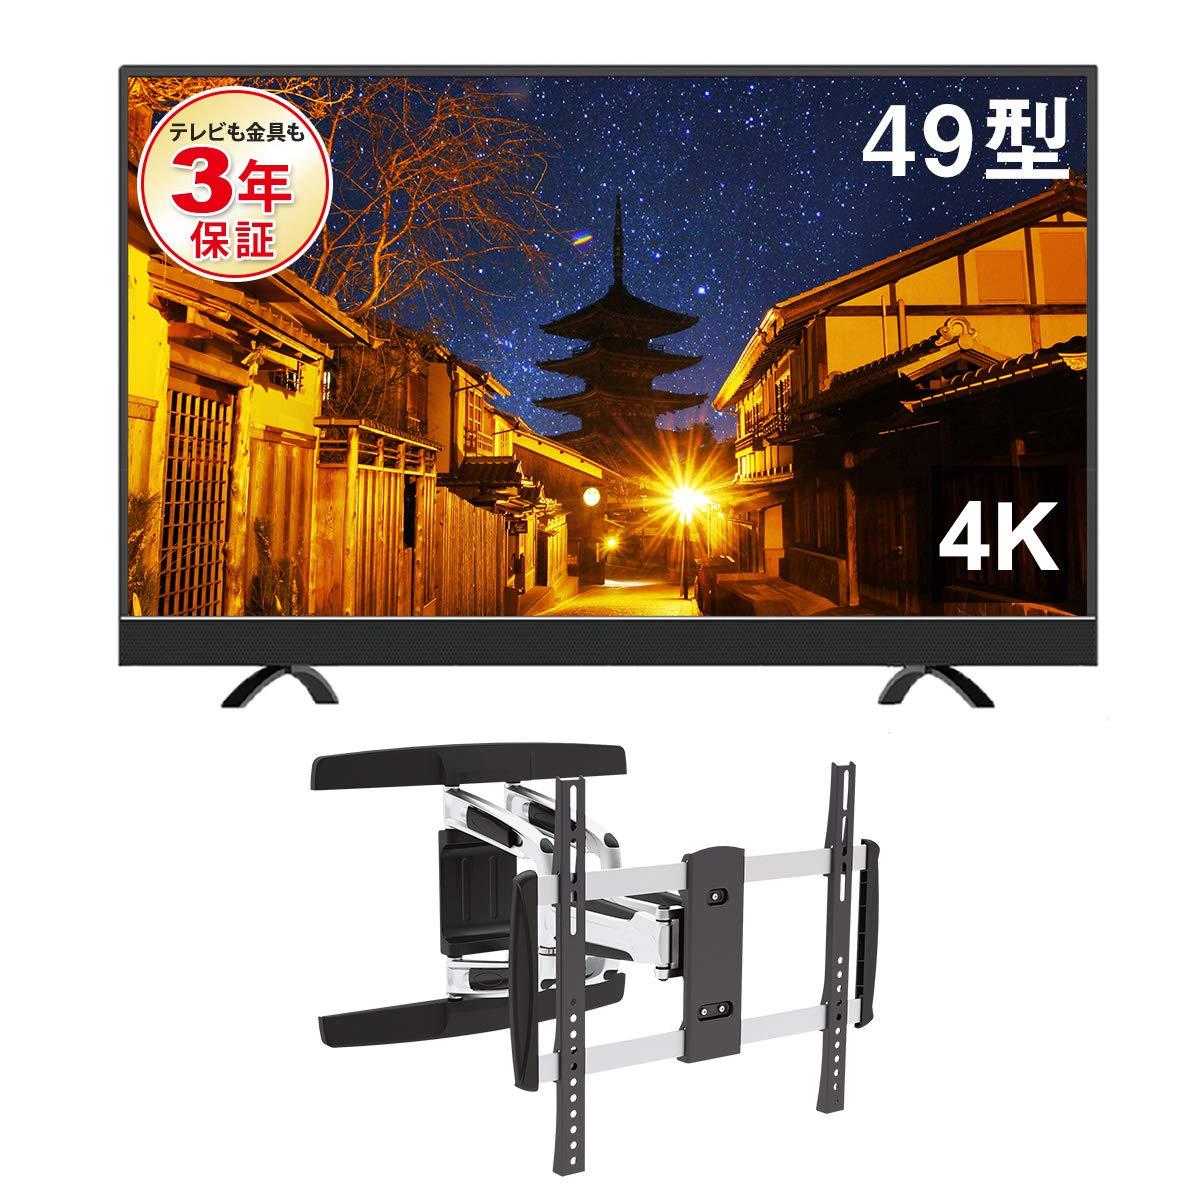 maxzen 49V型 4K液晶テレビ+壁掛け金具セット スタイリッシュアーム金具 [maxzen JU49SK03+STARPLATINUM TVセッターアドバンスAR126 Mサイズ ブラック/シルバー]  ブラック/シルバー B07G5K7N7K